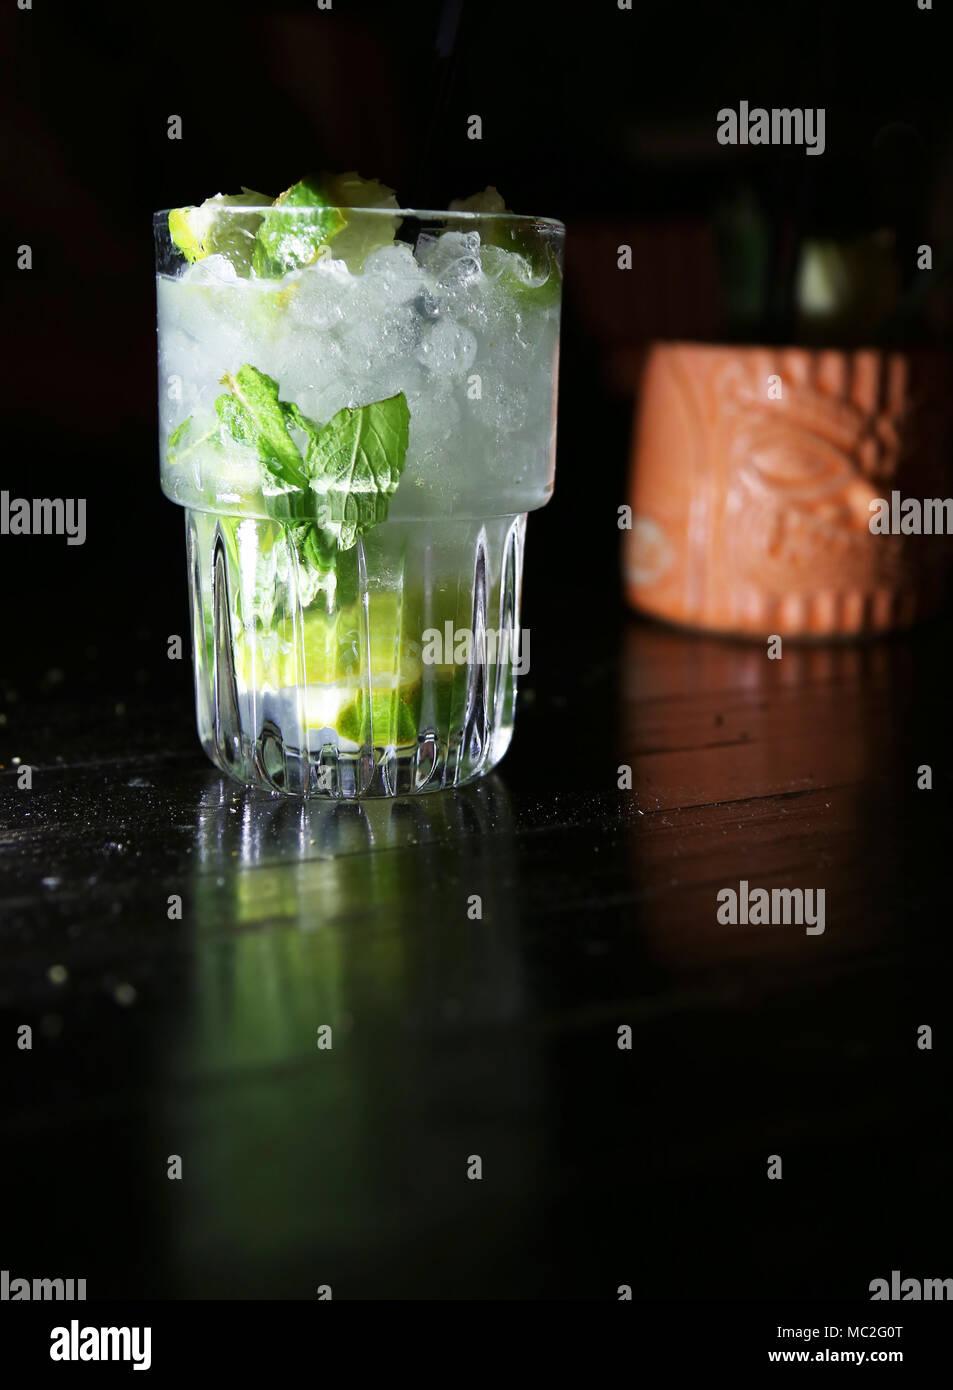 Cocktails de jus de lime et de zeste de glace sur fond noir Photo Stock